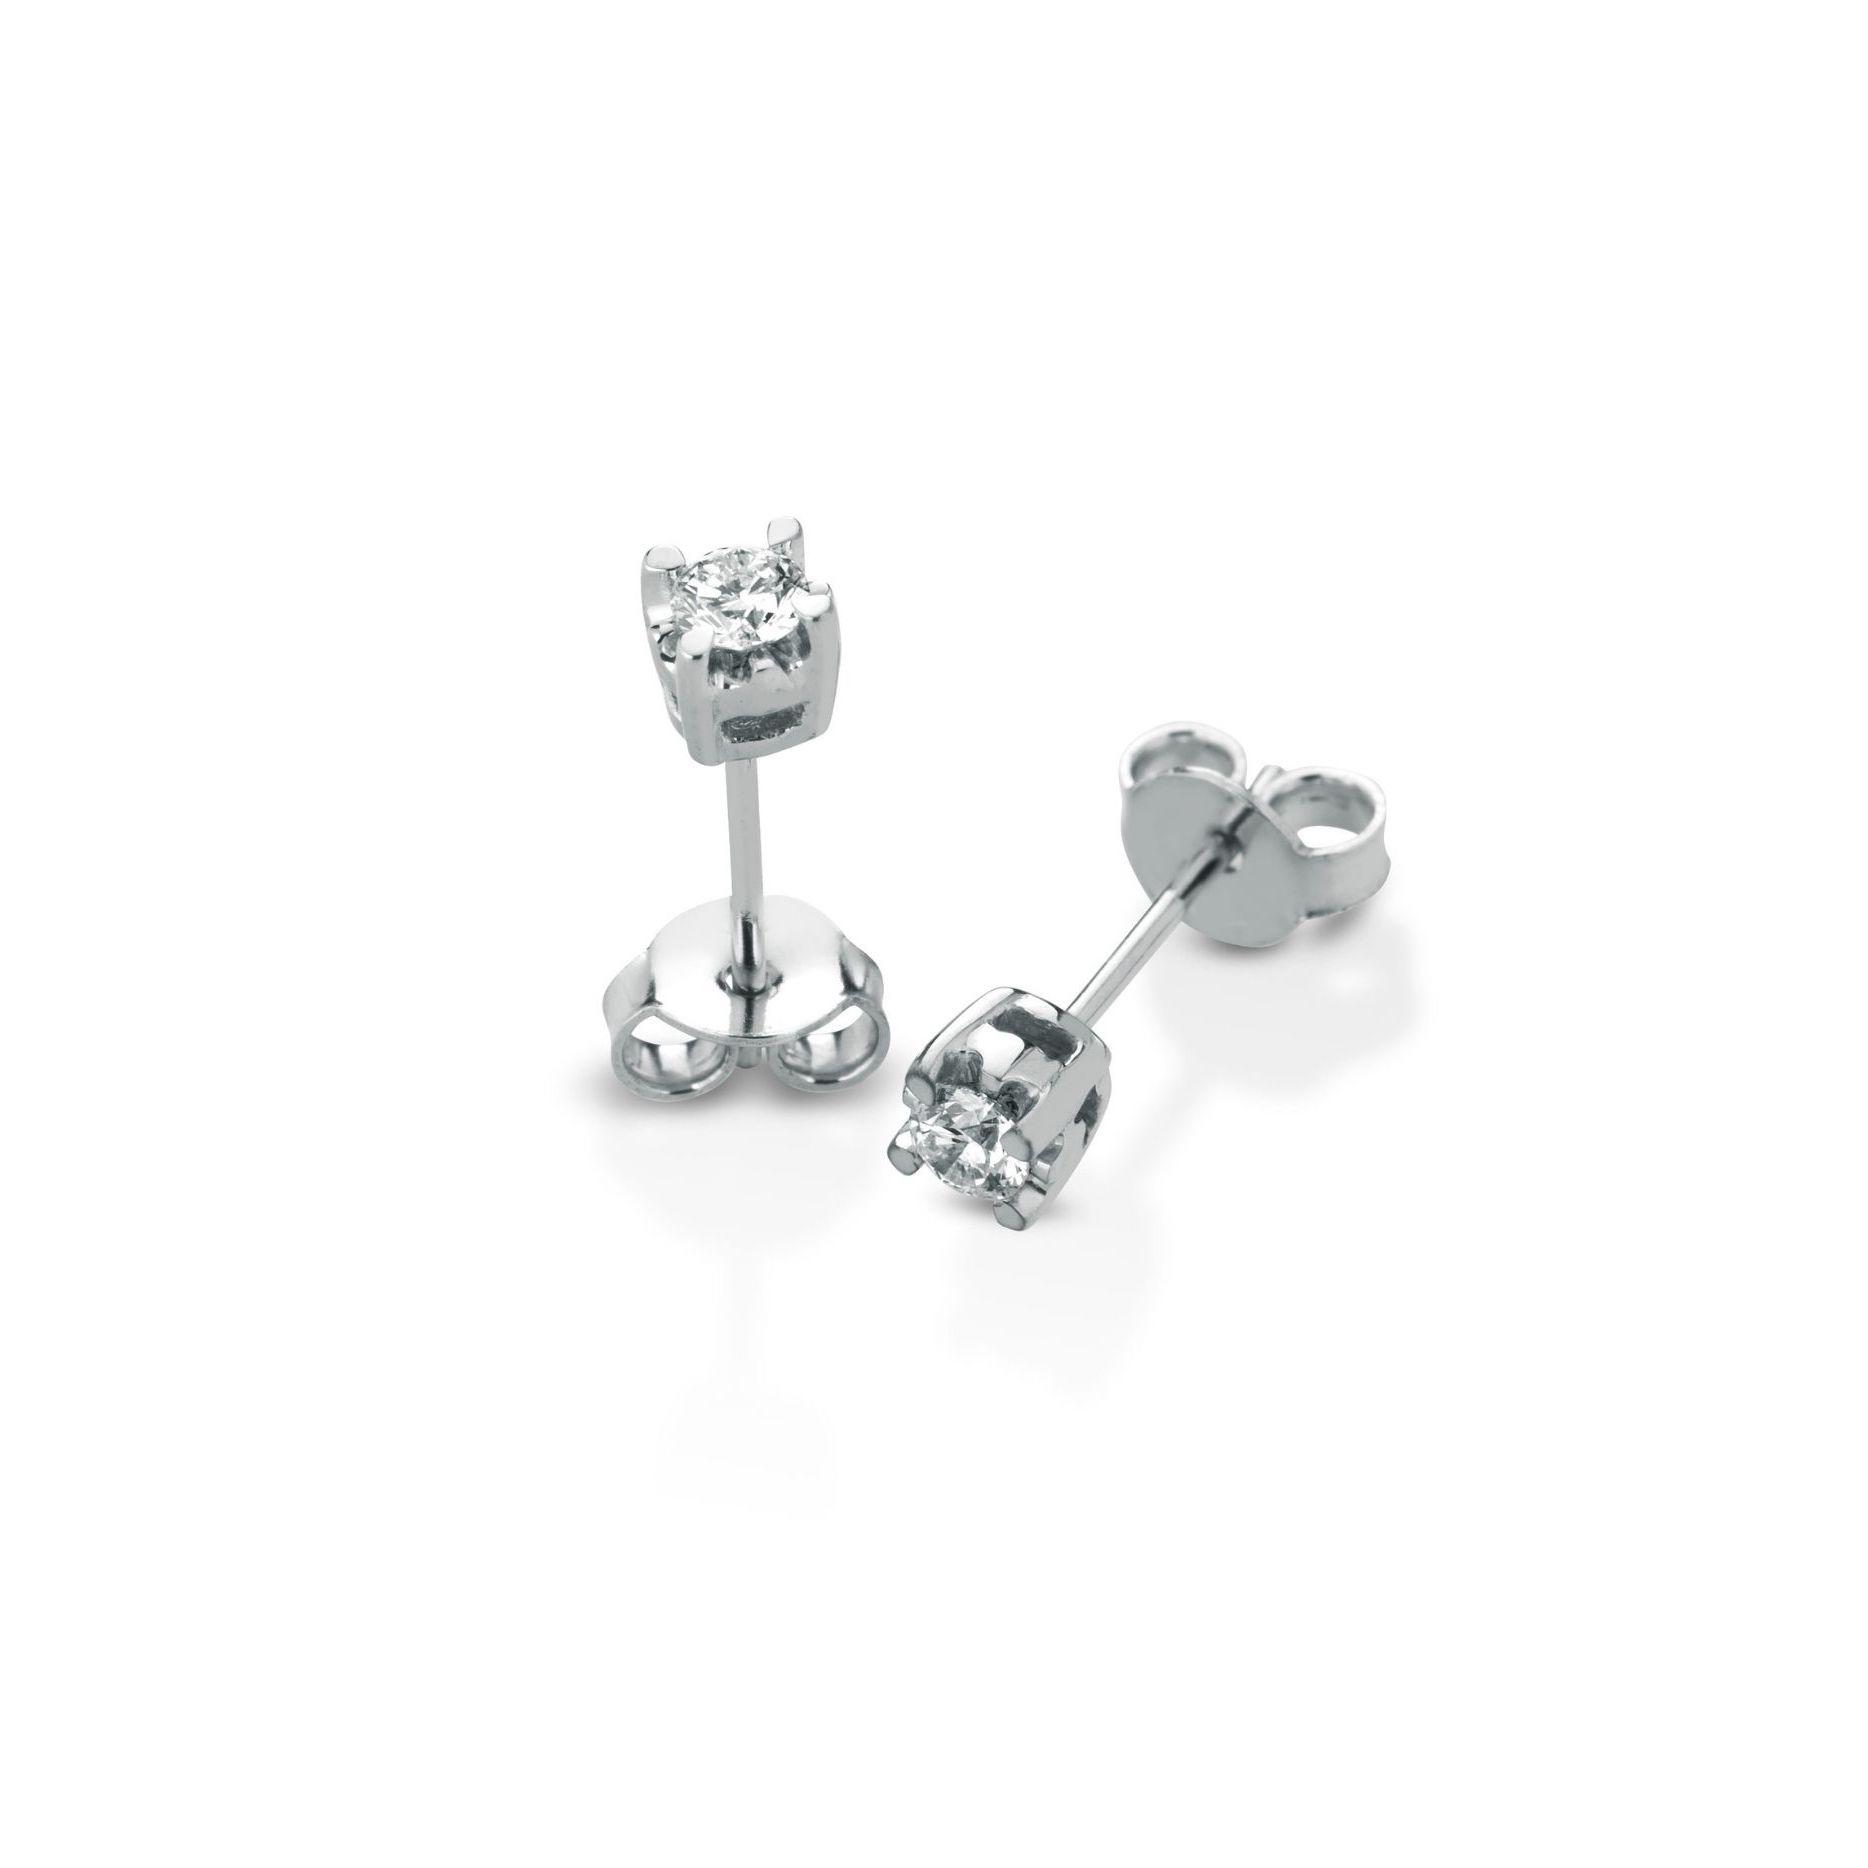 Orecchini al lobo con diamanti Lobe earrings with diamonds sconto discount big